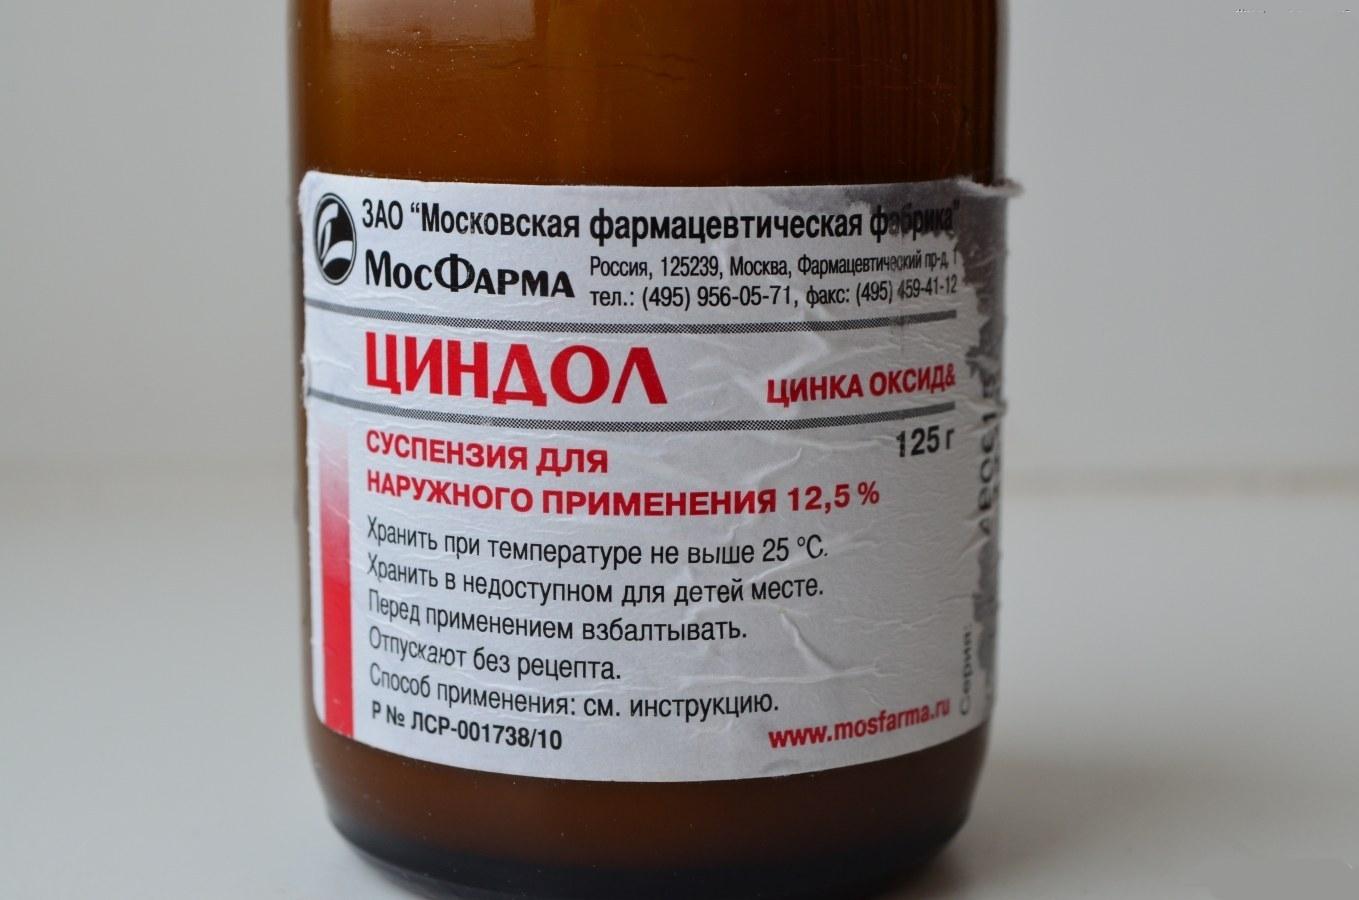 Циндол - болтушка от потницы для детей и беременных женщин